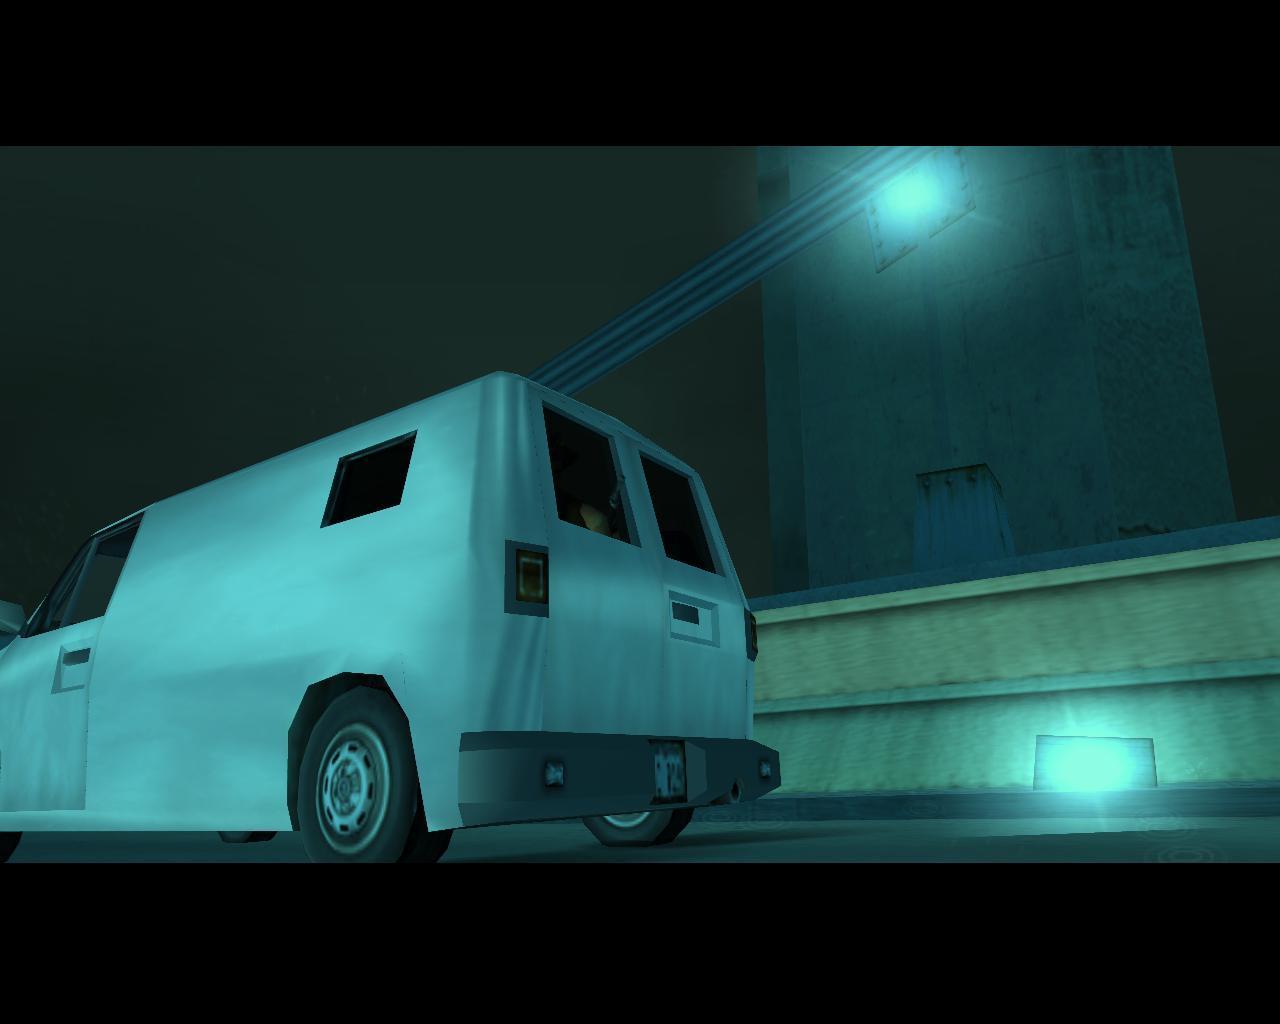 34. Rumpo (Ghost) - Grand Theft Auto 3